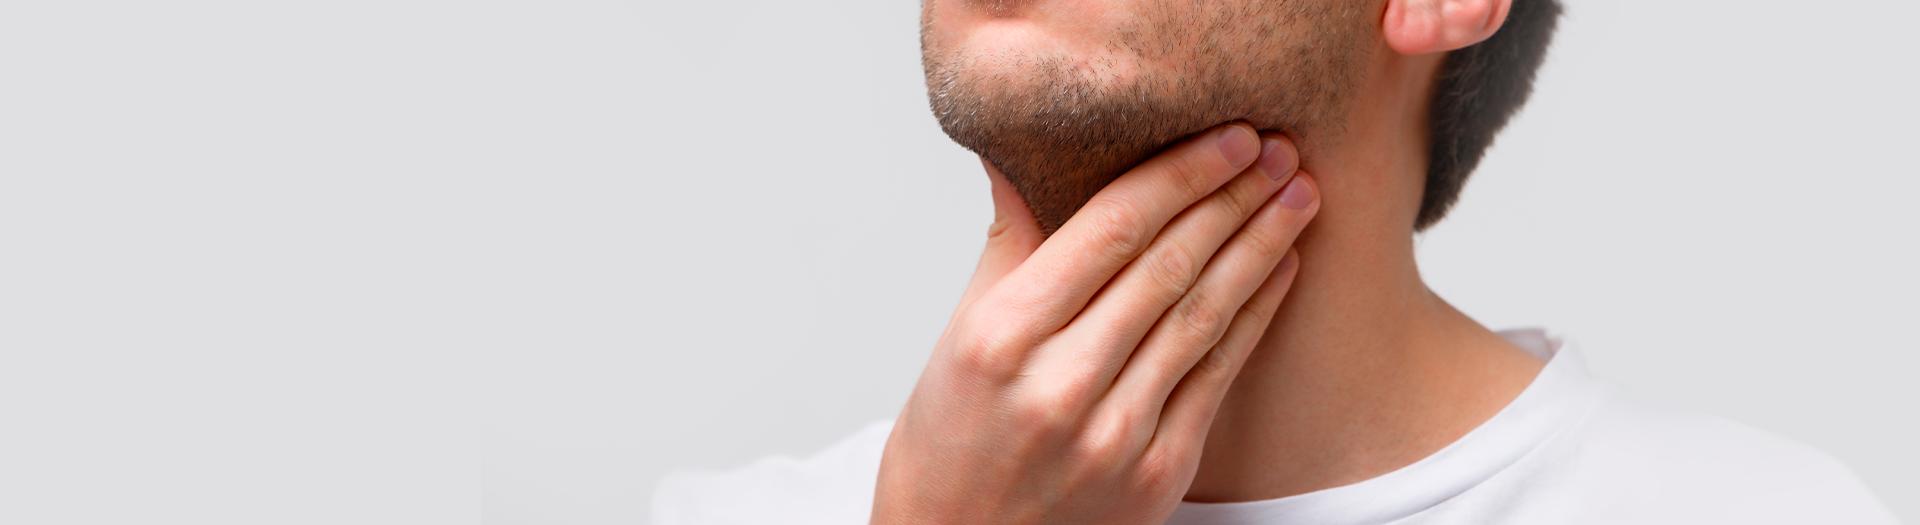 Angina bakteryjna – objawy, metody leczenia. Jak rozpoznać rodzaj anginy?